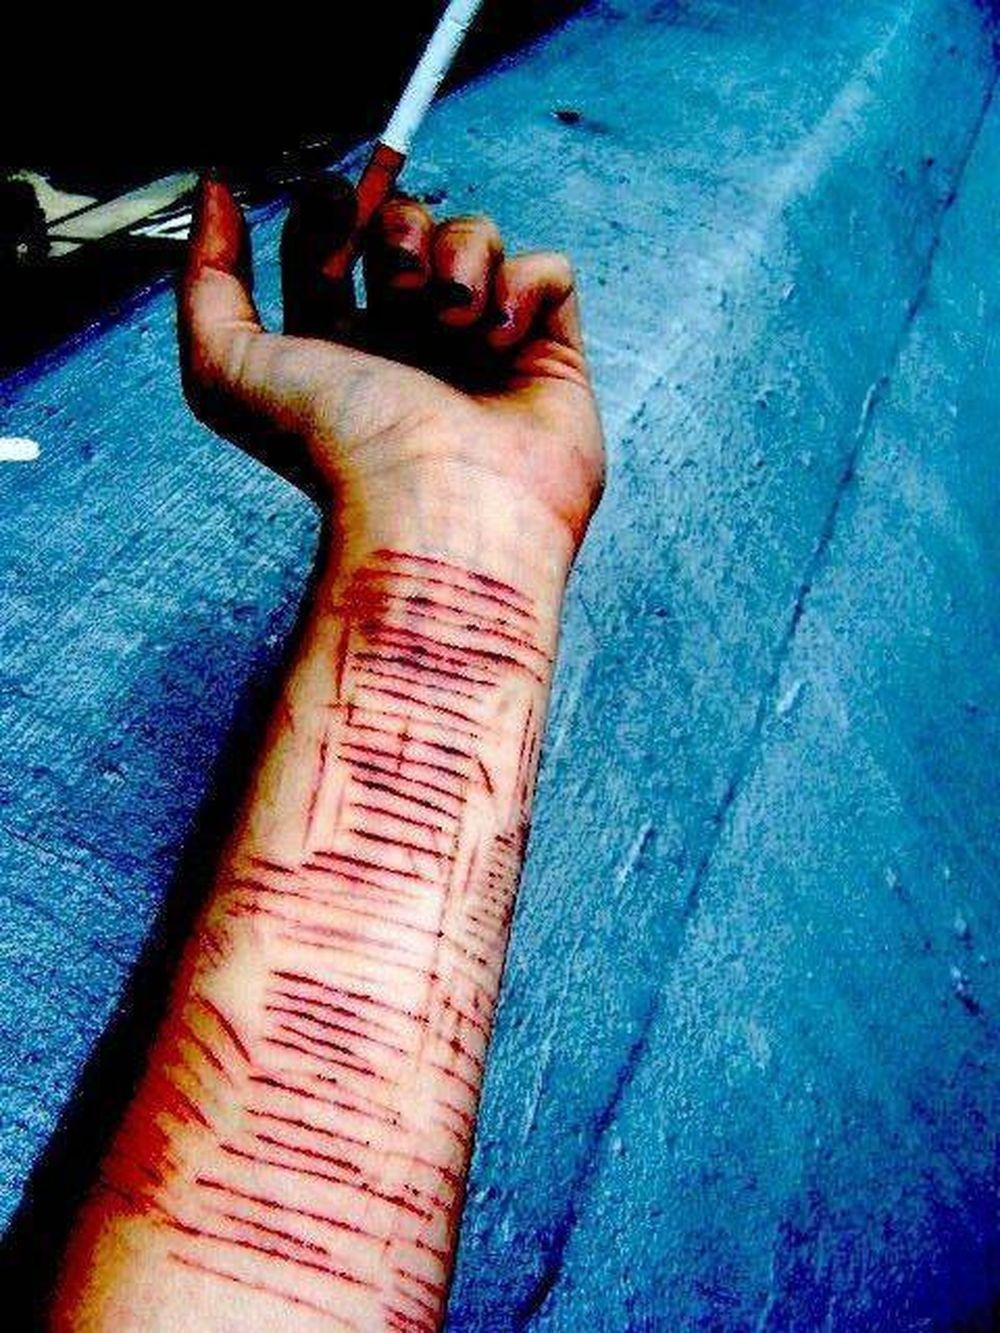 Một nữ sinh đã cắt rạch tay nhiều nhát do mắc hội chứng hủy hoại bản thân. Ảnh minh họa